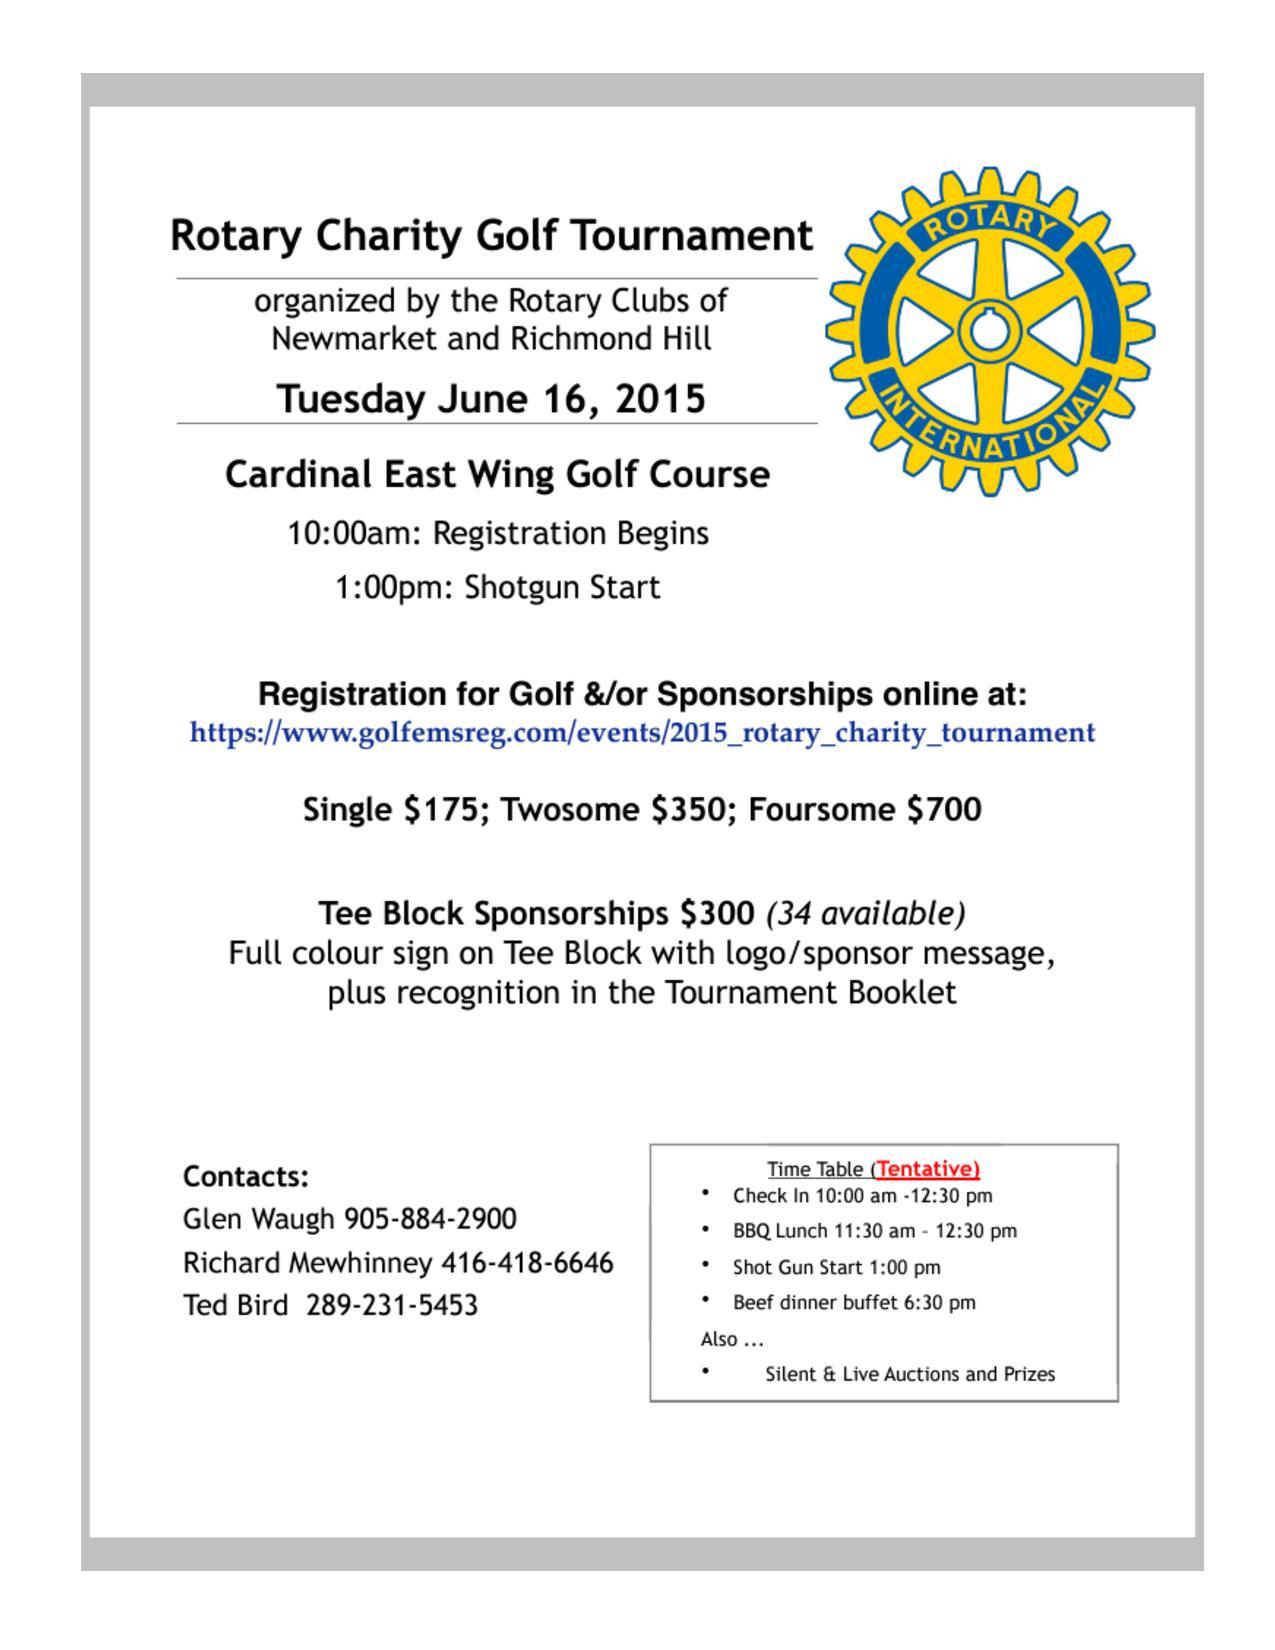 how to run a golf tournament fundraiser